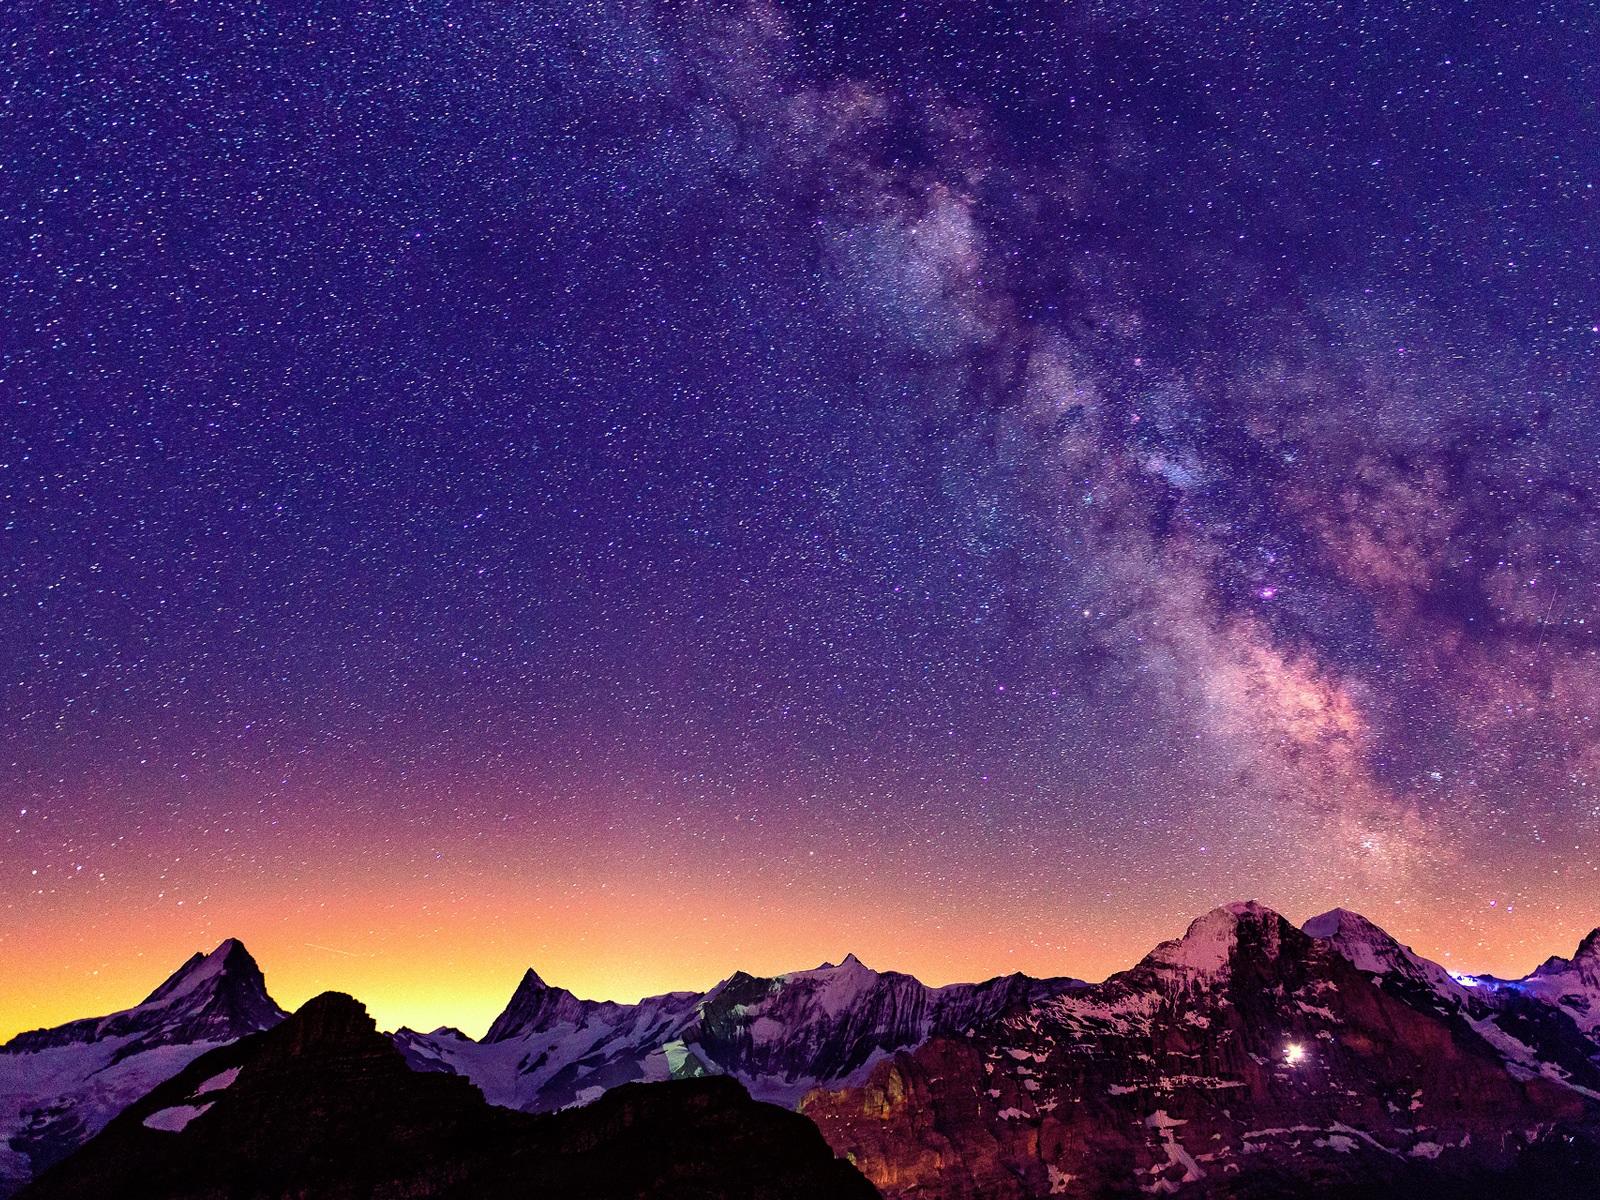 瑞士,阿爾卑斯山,美麗的夜晚,天空,星星 壁紙 ...